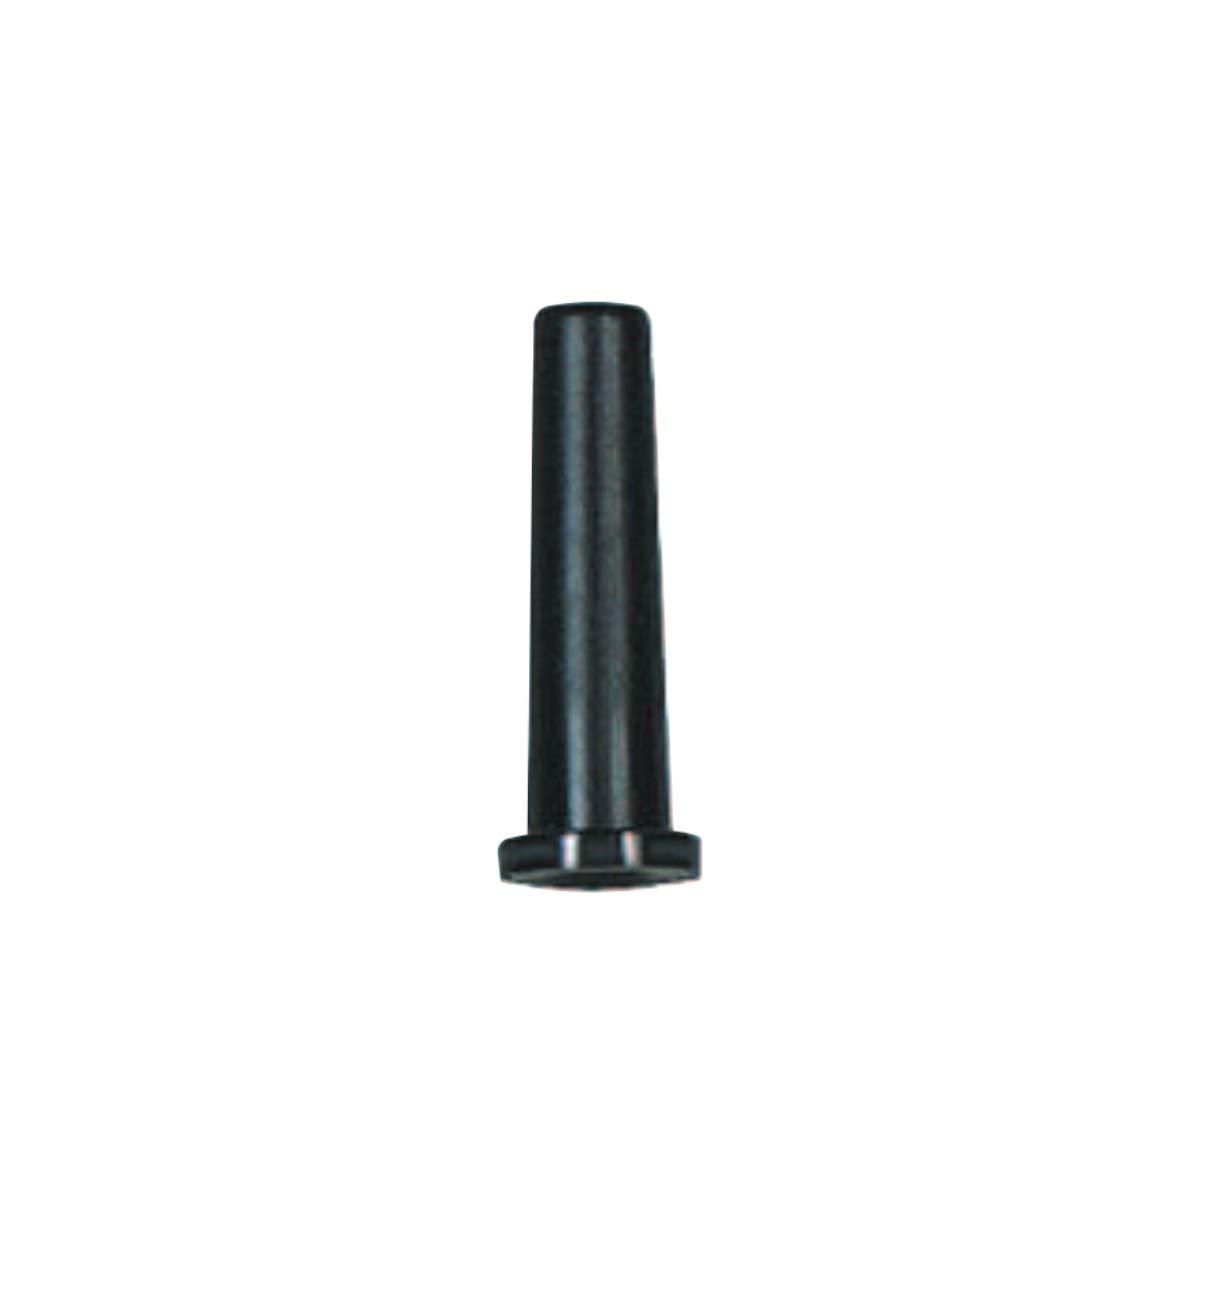 Kabelknickschutz Knickschutztü lle aus weich PVC schwarz fü r Kabelreparatur, Menge:10 Stueck, Grö ß e:6 mm NETPROSHOP